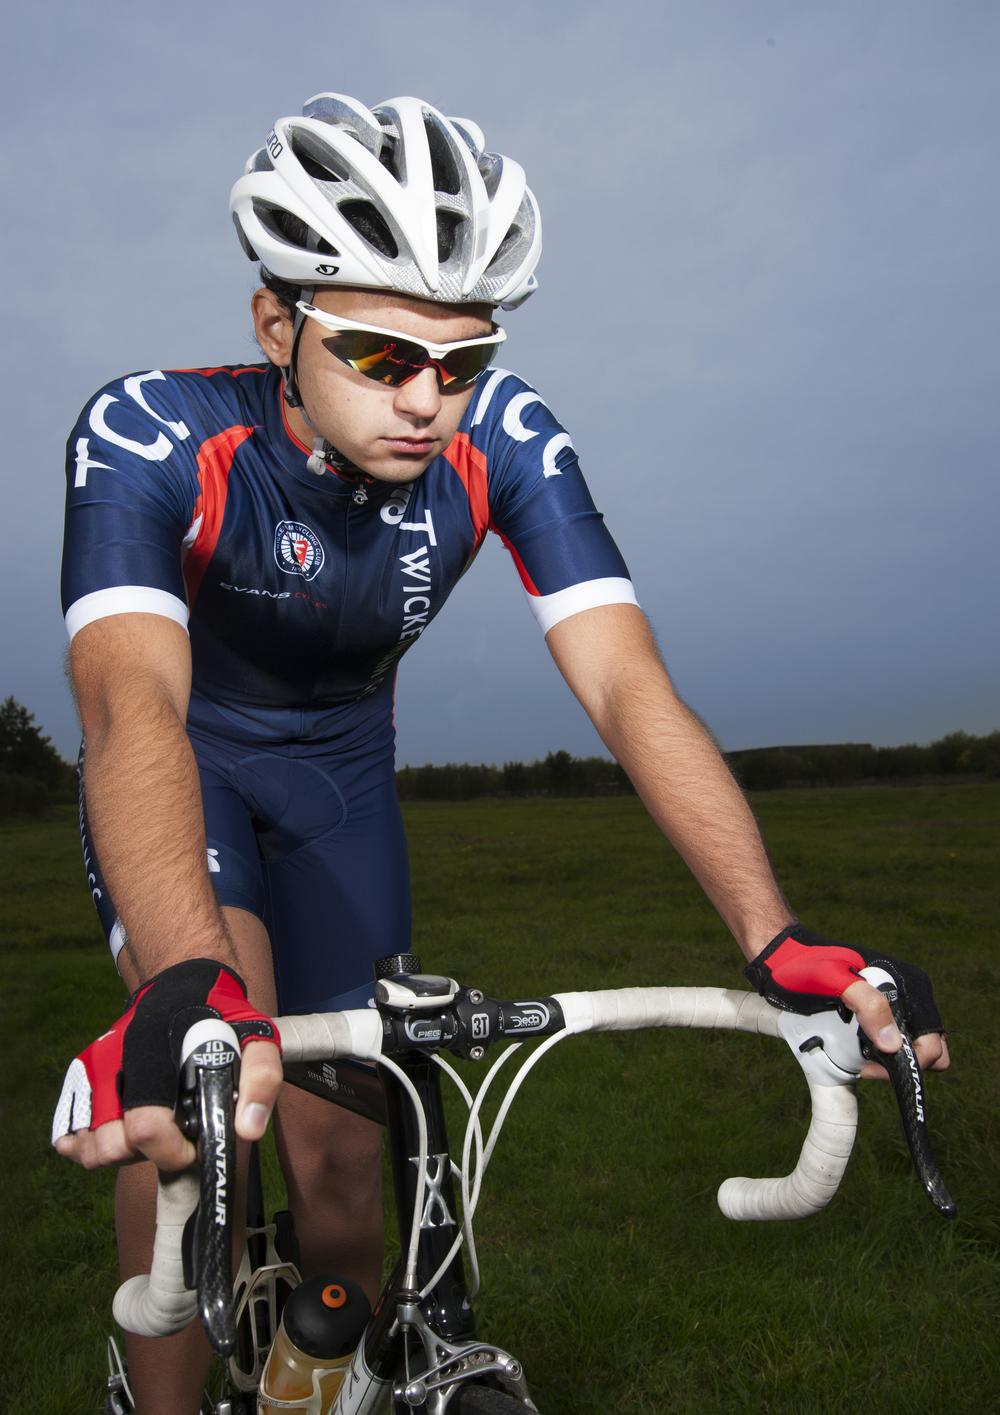 Gavin Portrait on Bike.